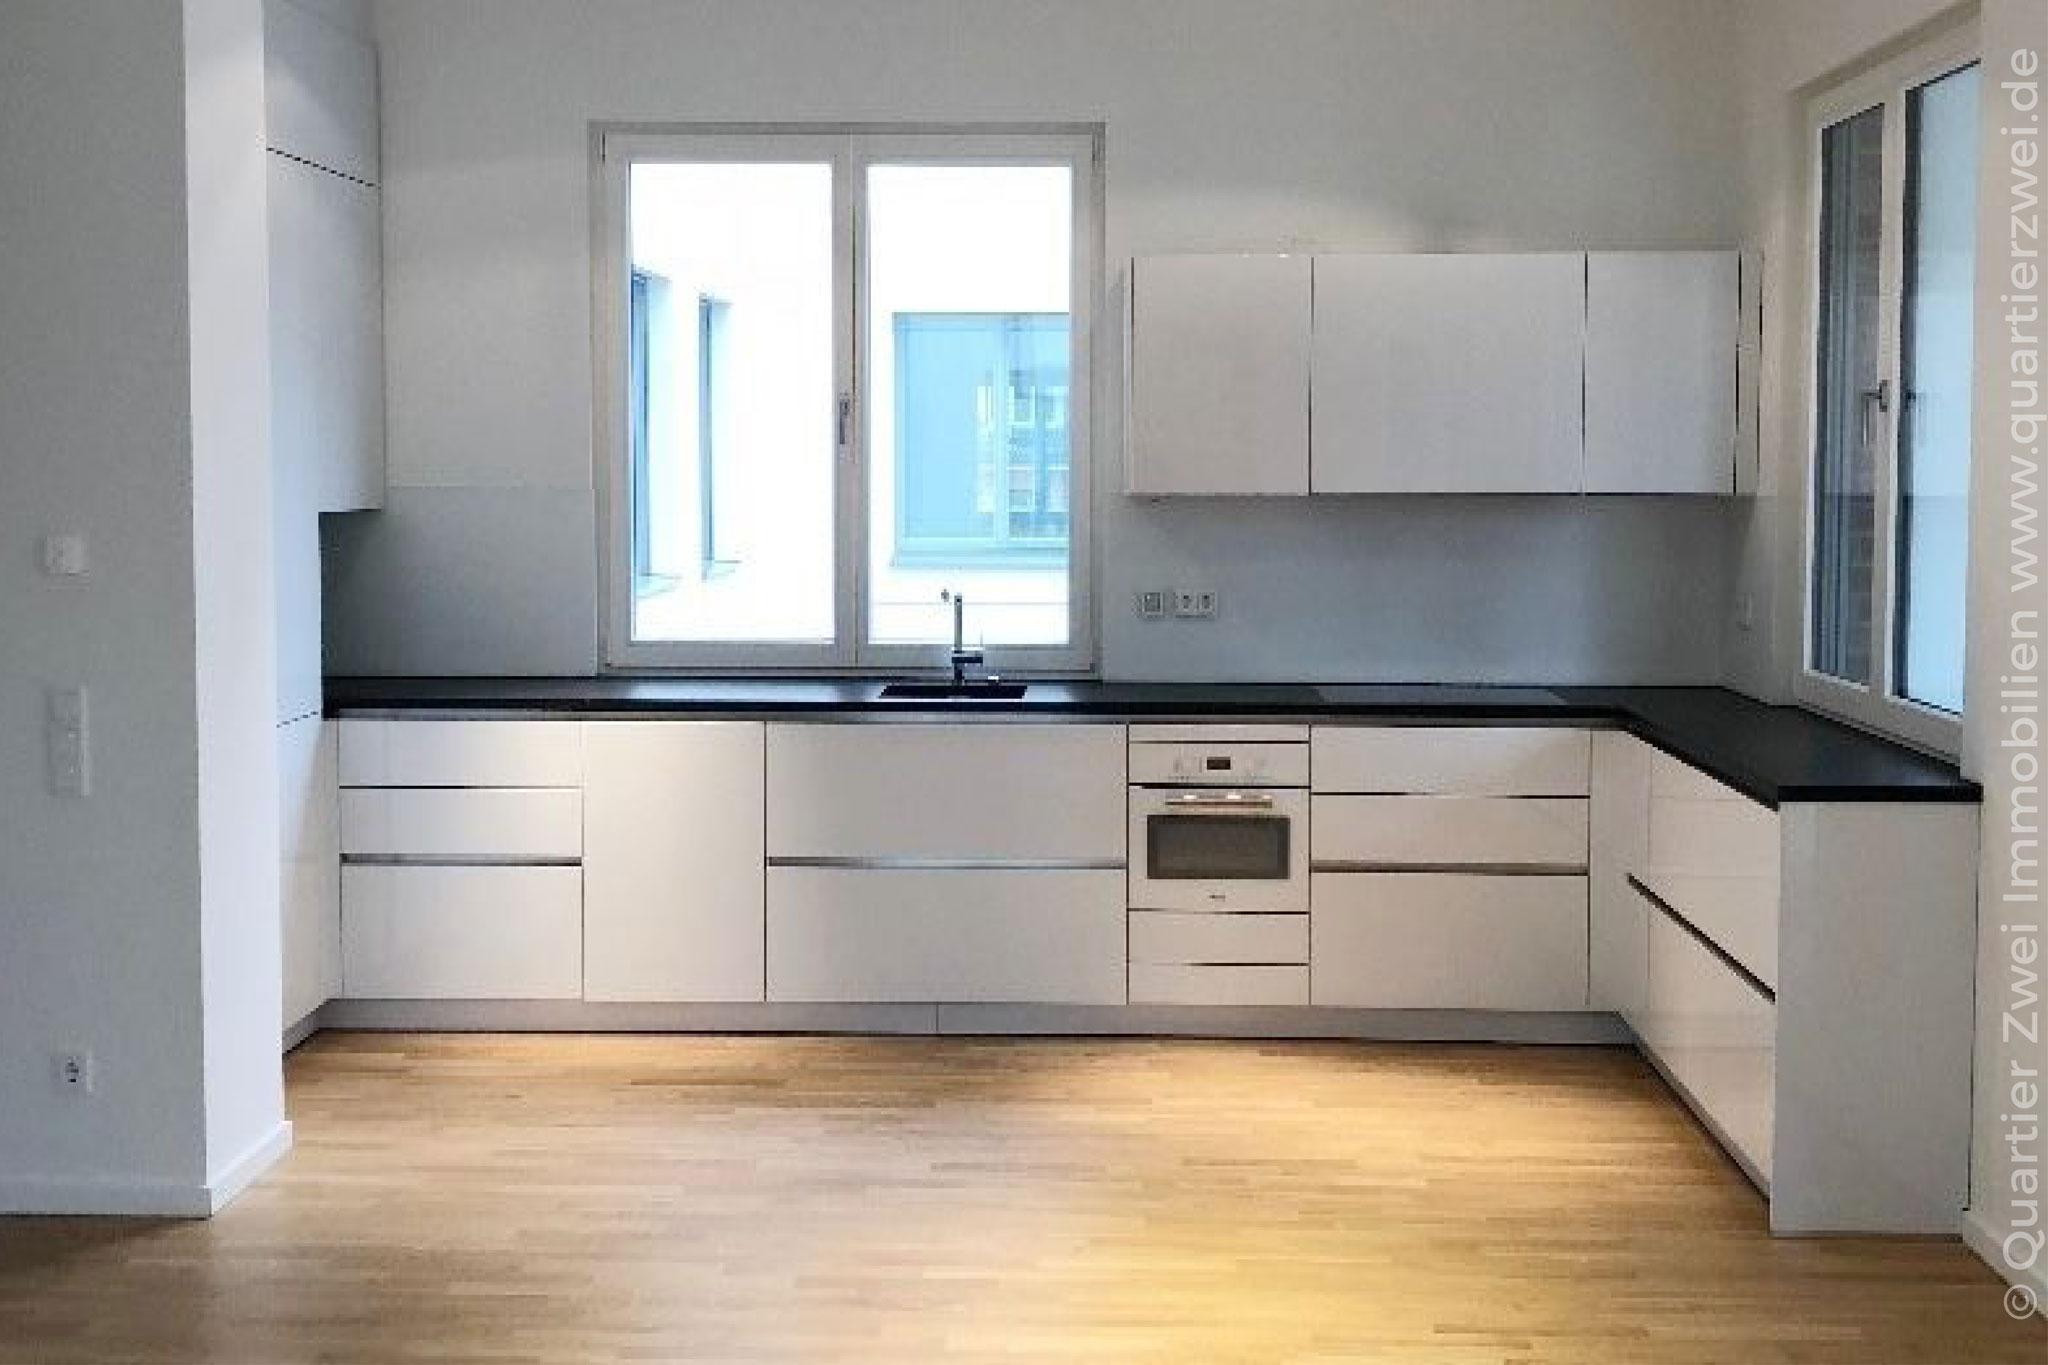 Großartig Küche Essgeschirrsätze Uk Fotos - Küchen Design Ideen ...